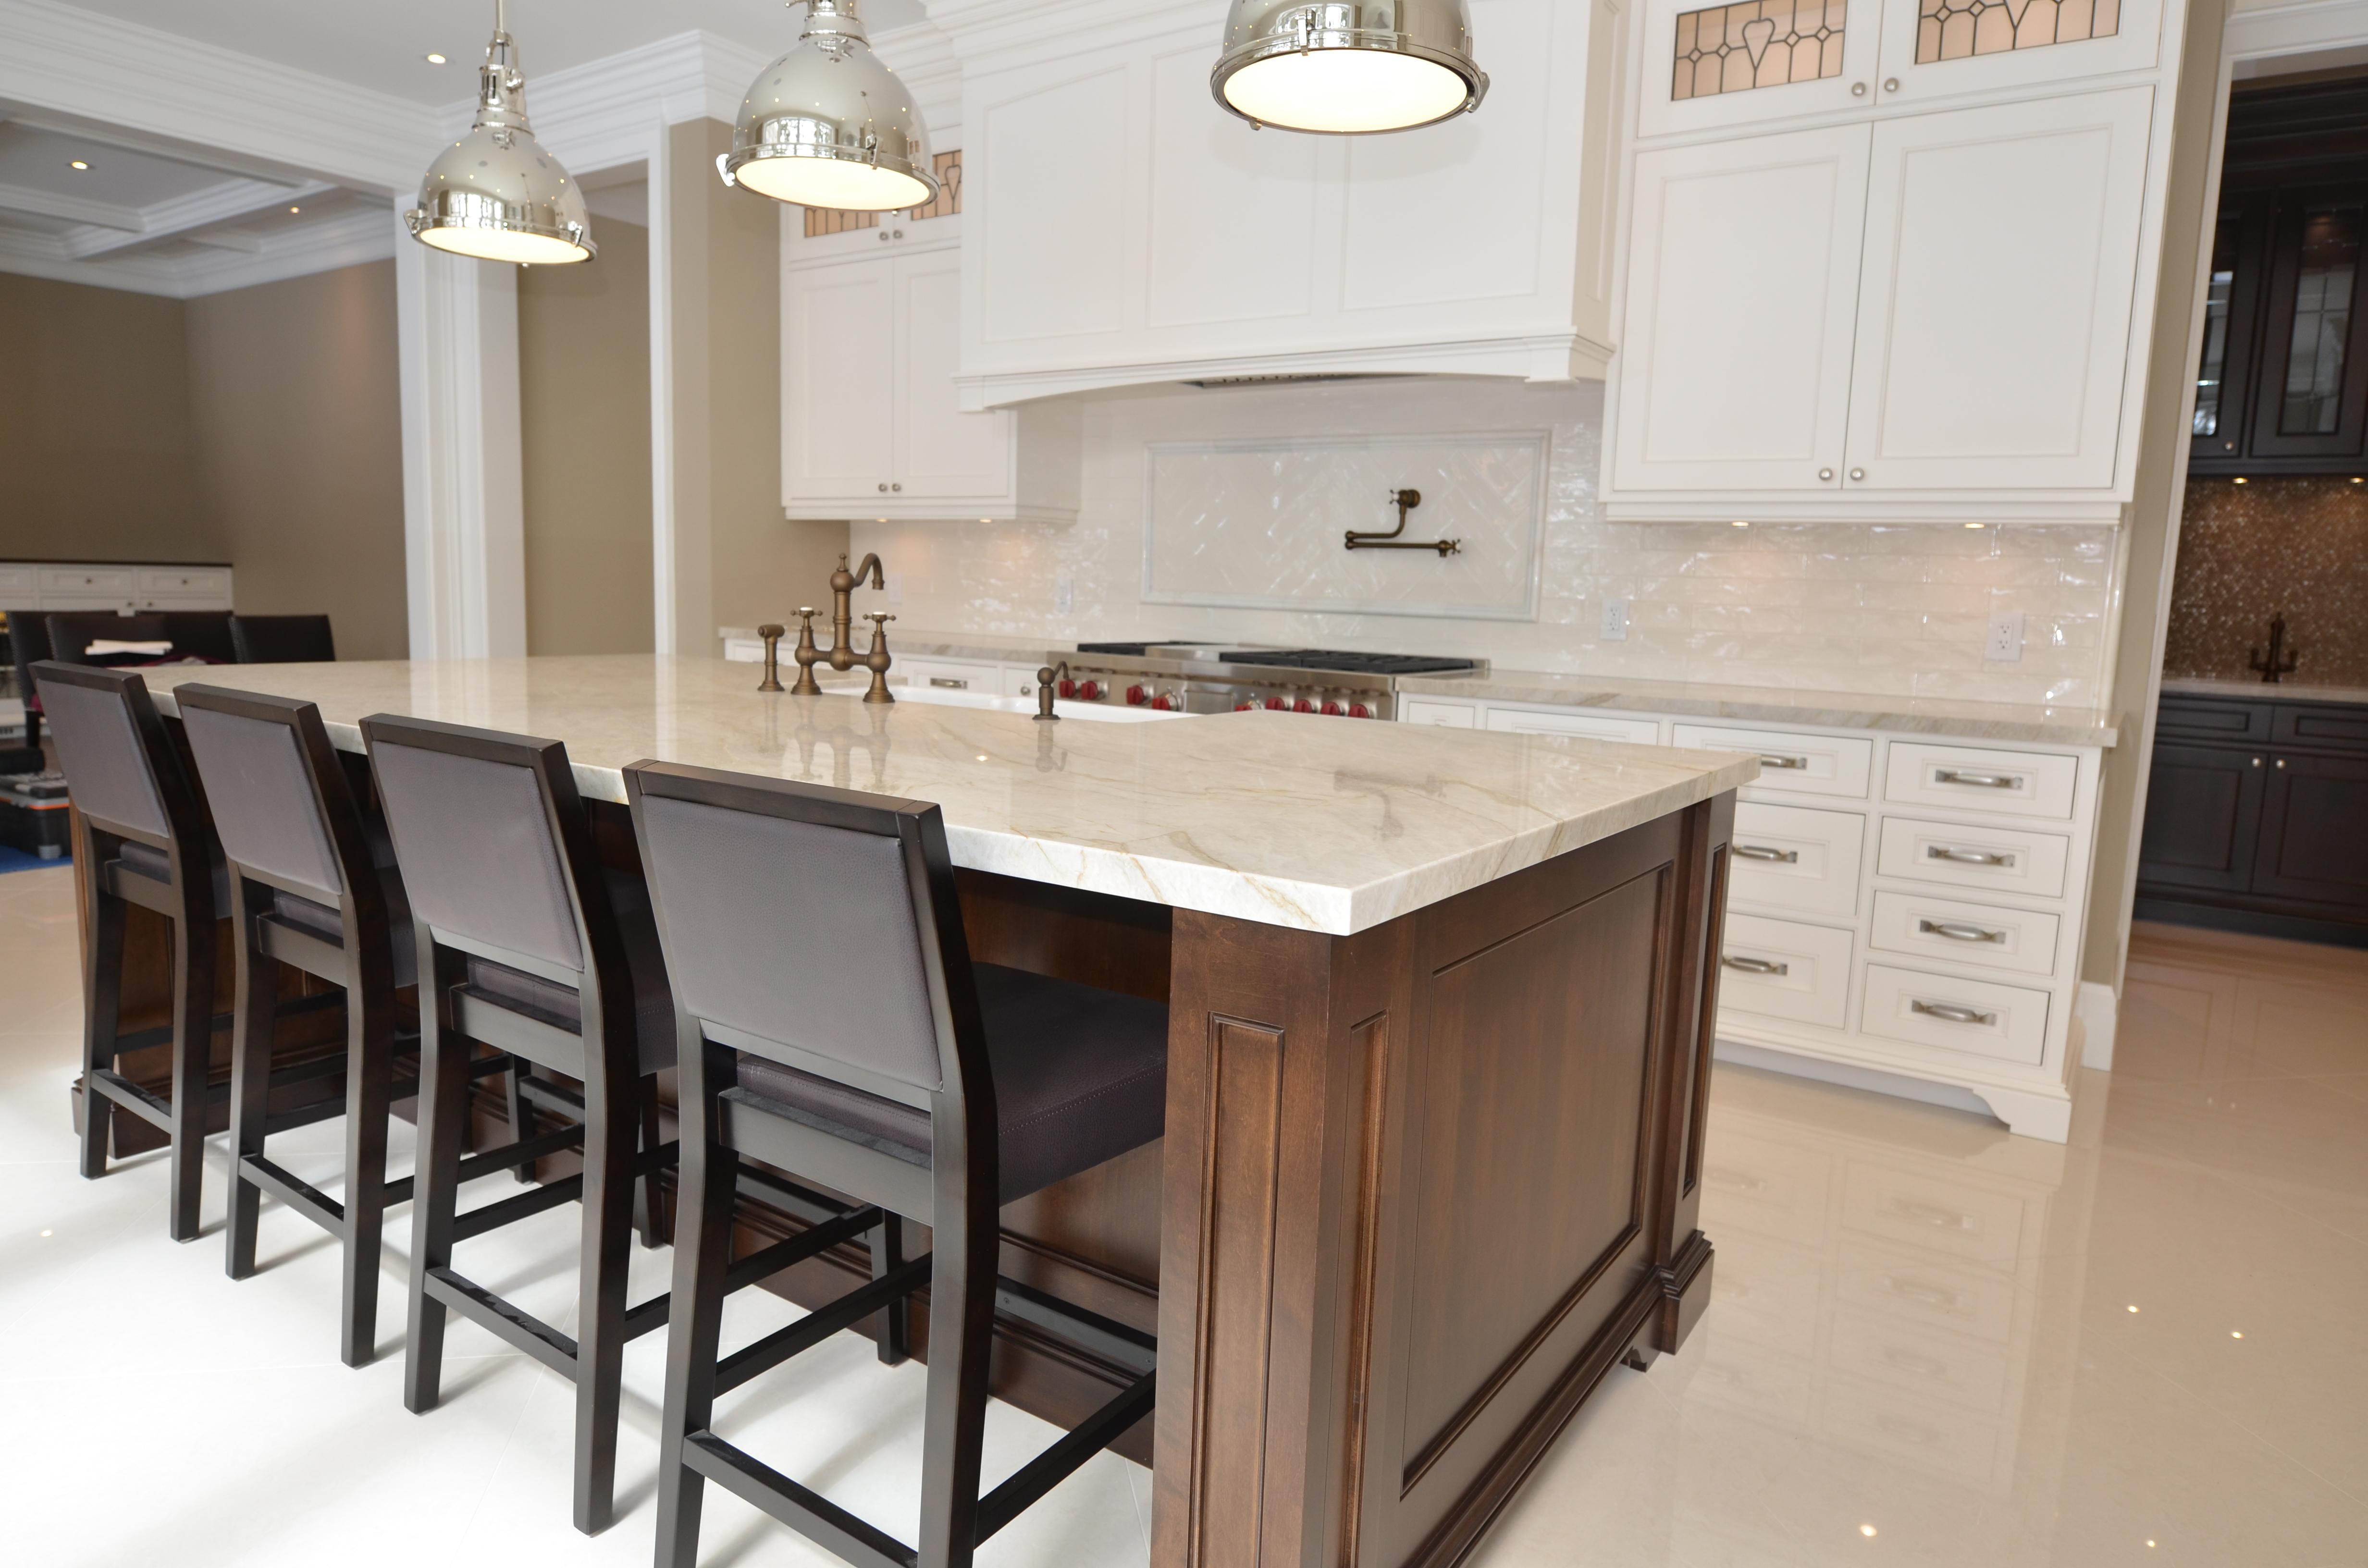 Kitchen islands ontario 28 images kitchen planning where to buy kitchen islands ontario kitchen islands ontario 28 images evan kitchen workwithnaturefo